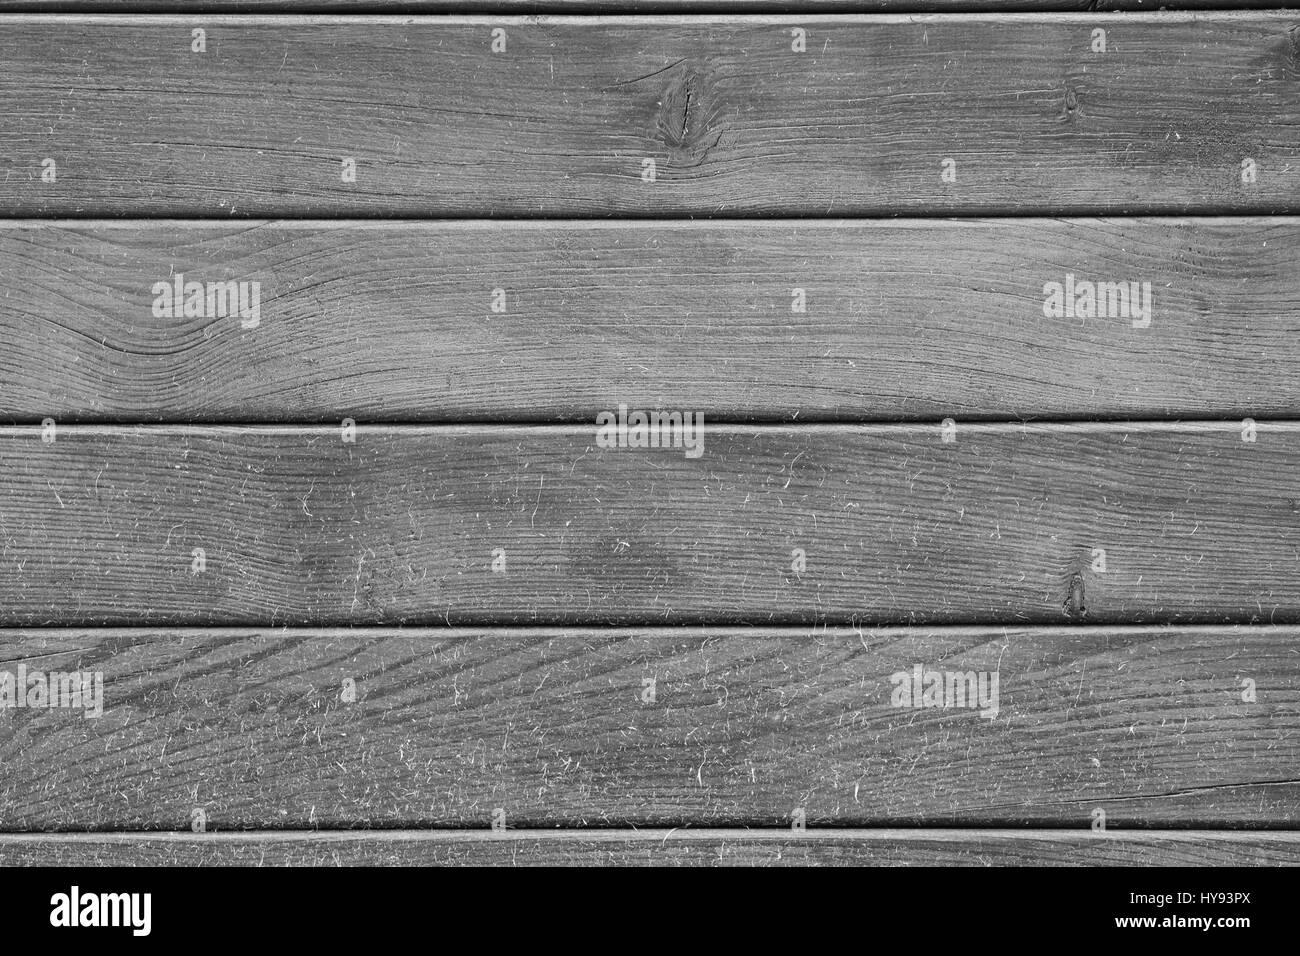 Hintergrund Holz Holzbrett schwarz-weiß grau - Stock Image